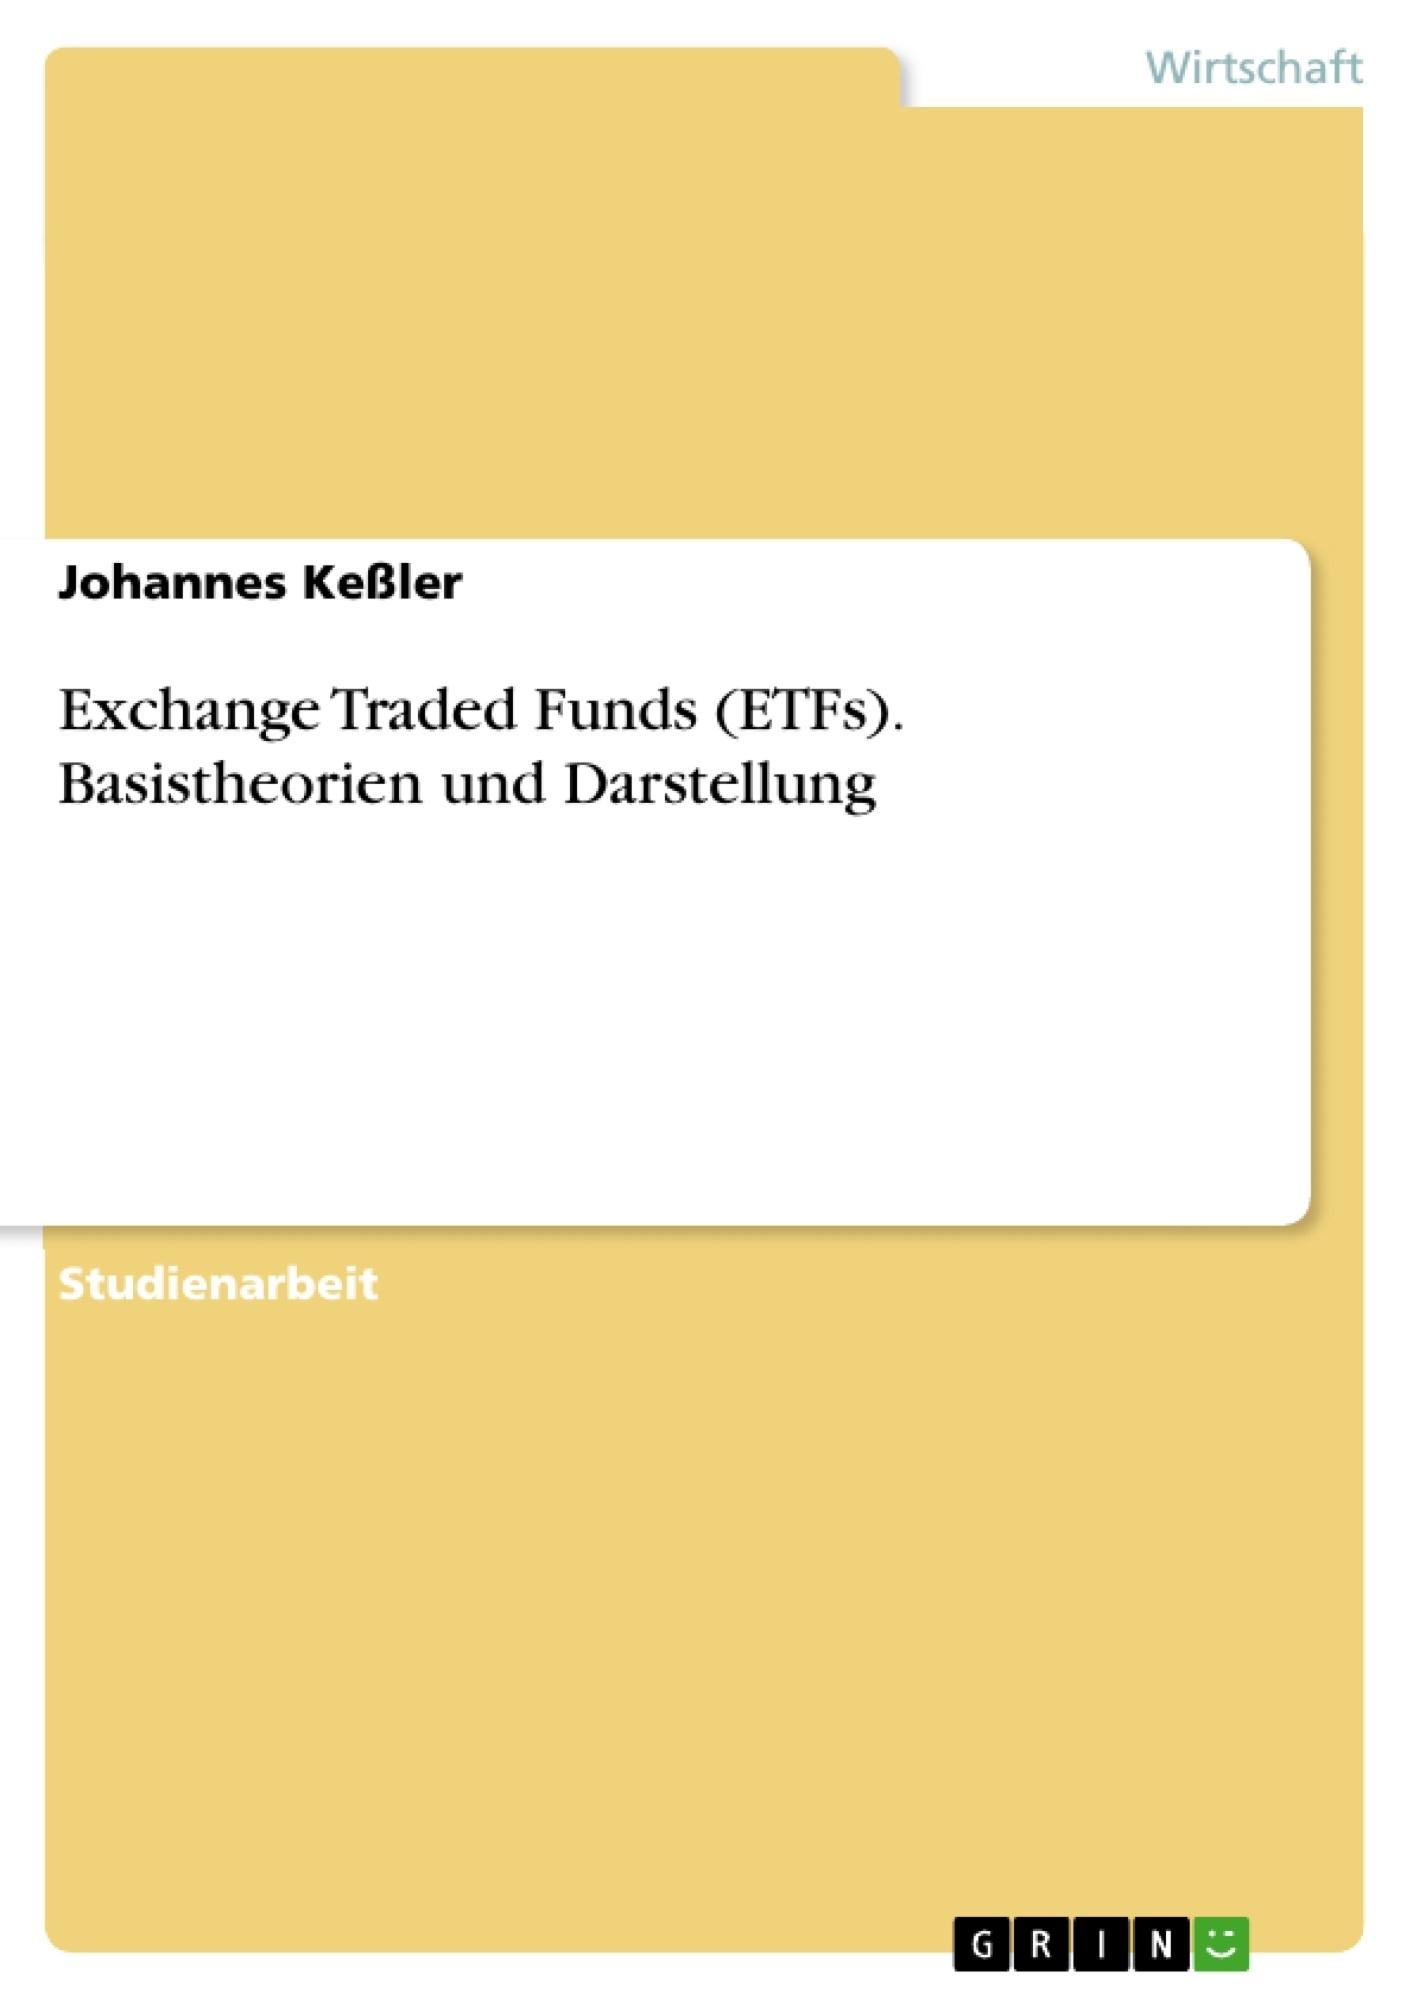 Titel: Exchange Traded Funds (ETFs). Basistheorien und Darstellung